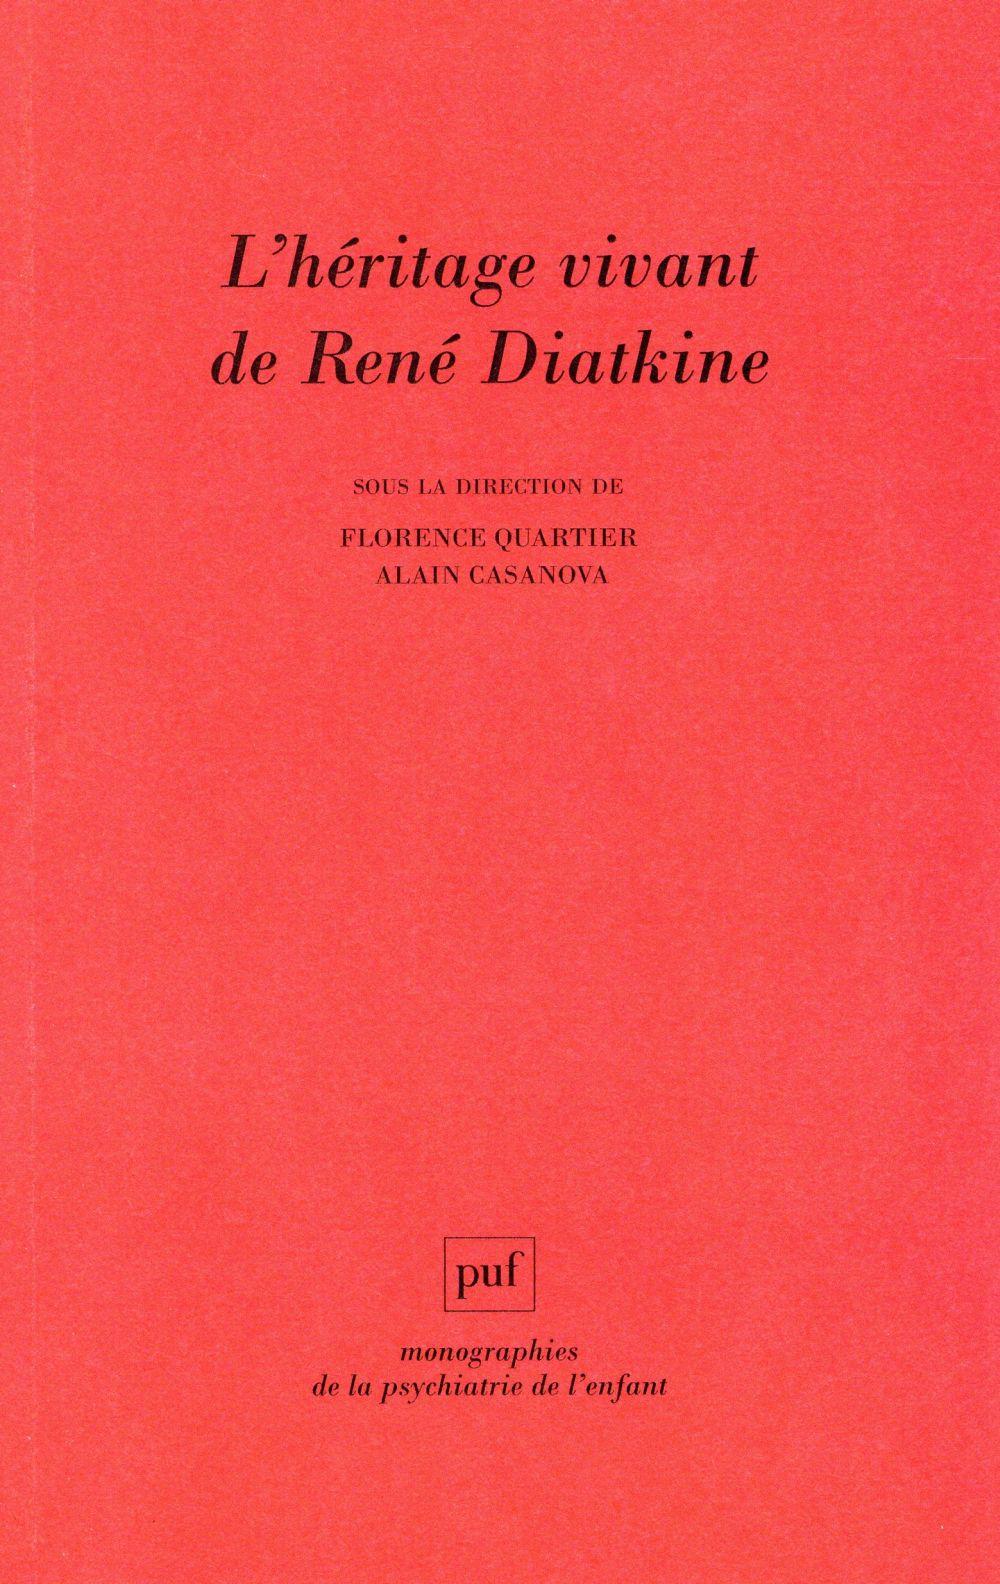 L'HERITAGE VIVANT DE RENE DIATKINE